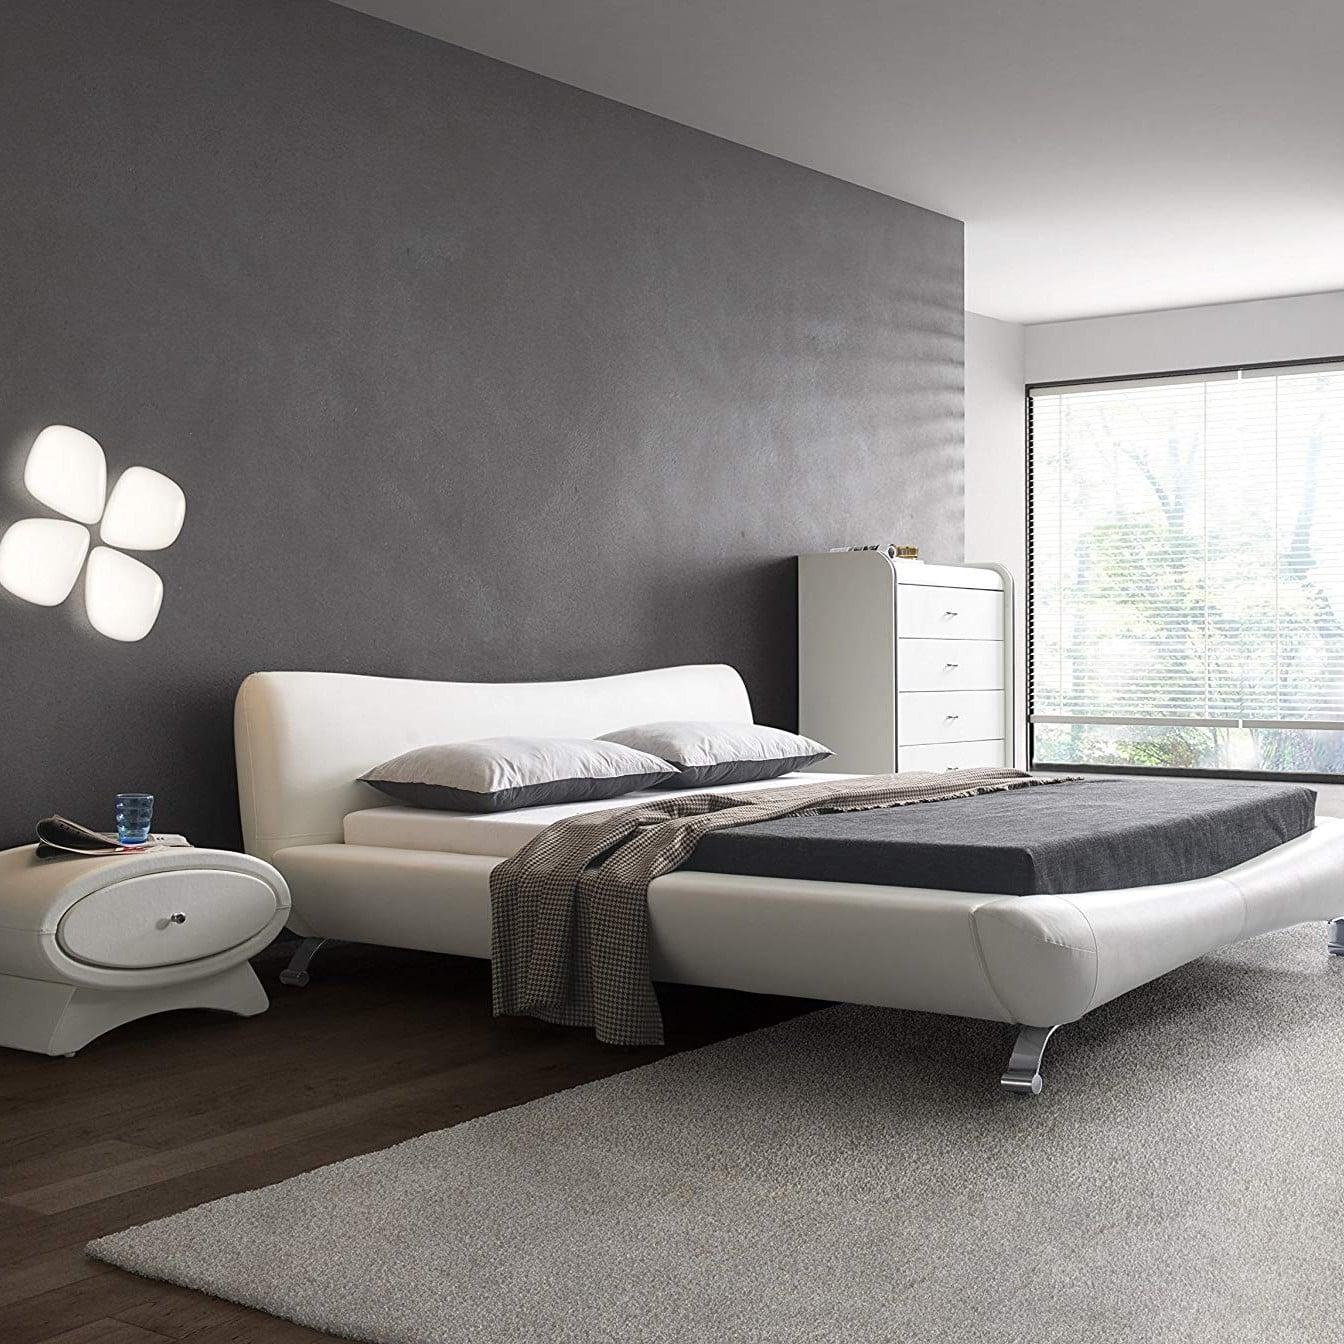 Best modern furniture from amazon popsugar home